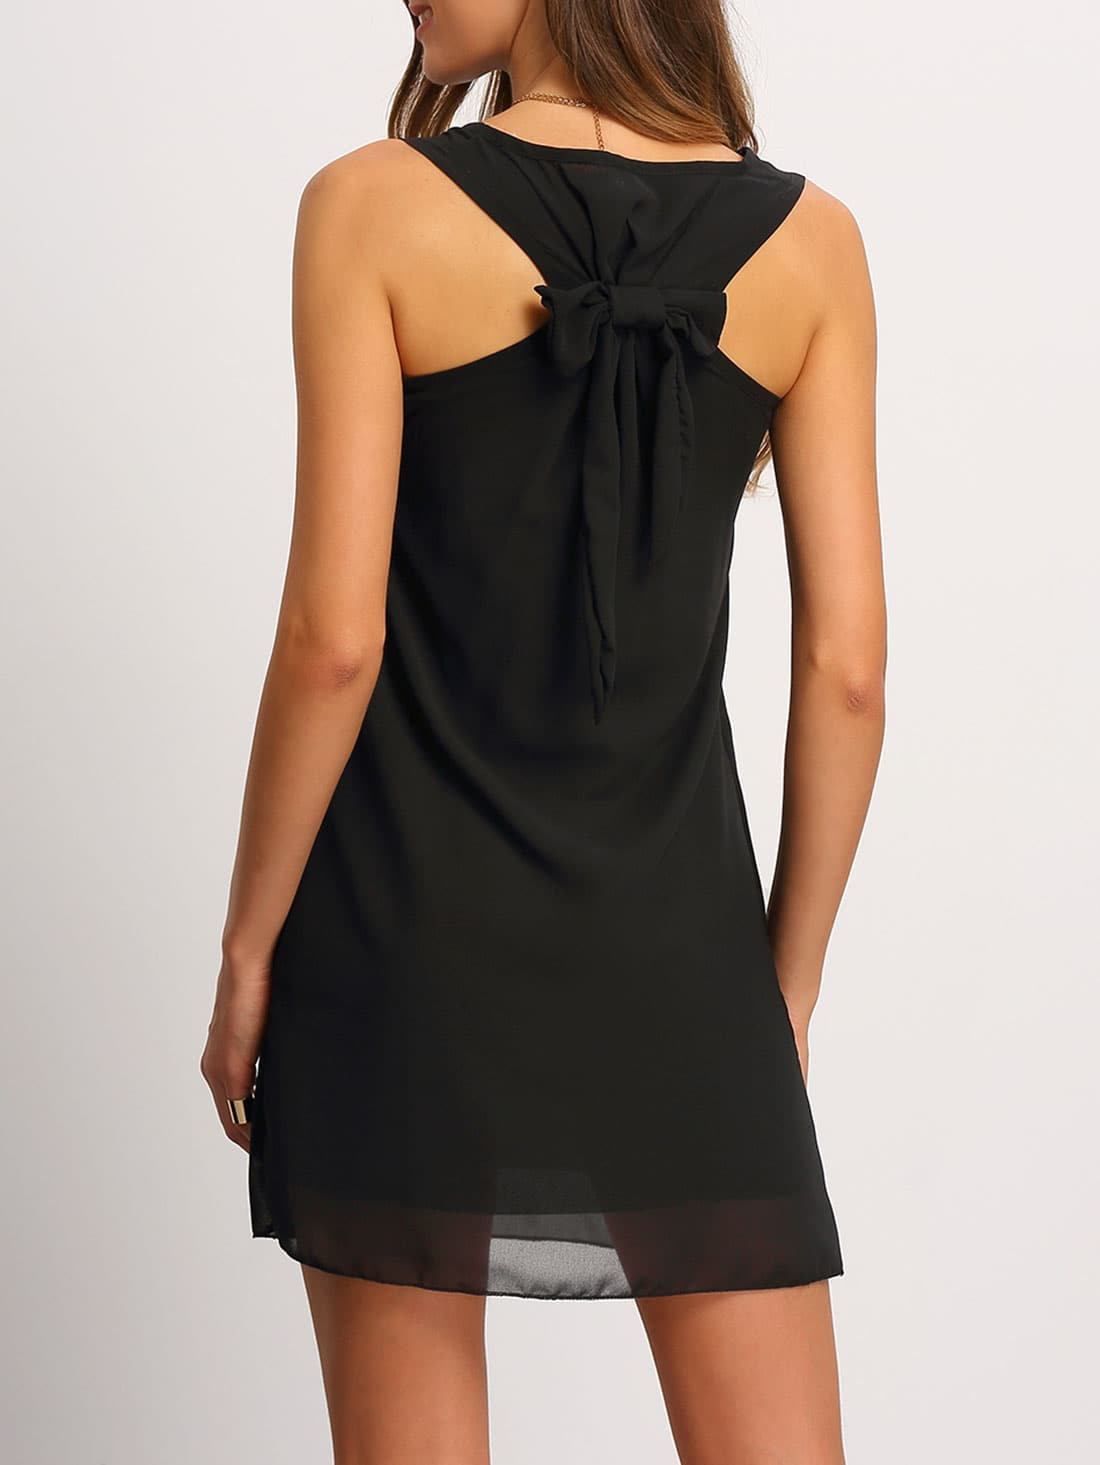 Купить Chiffon Bow Back Tank Dress